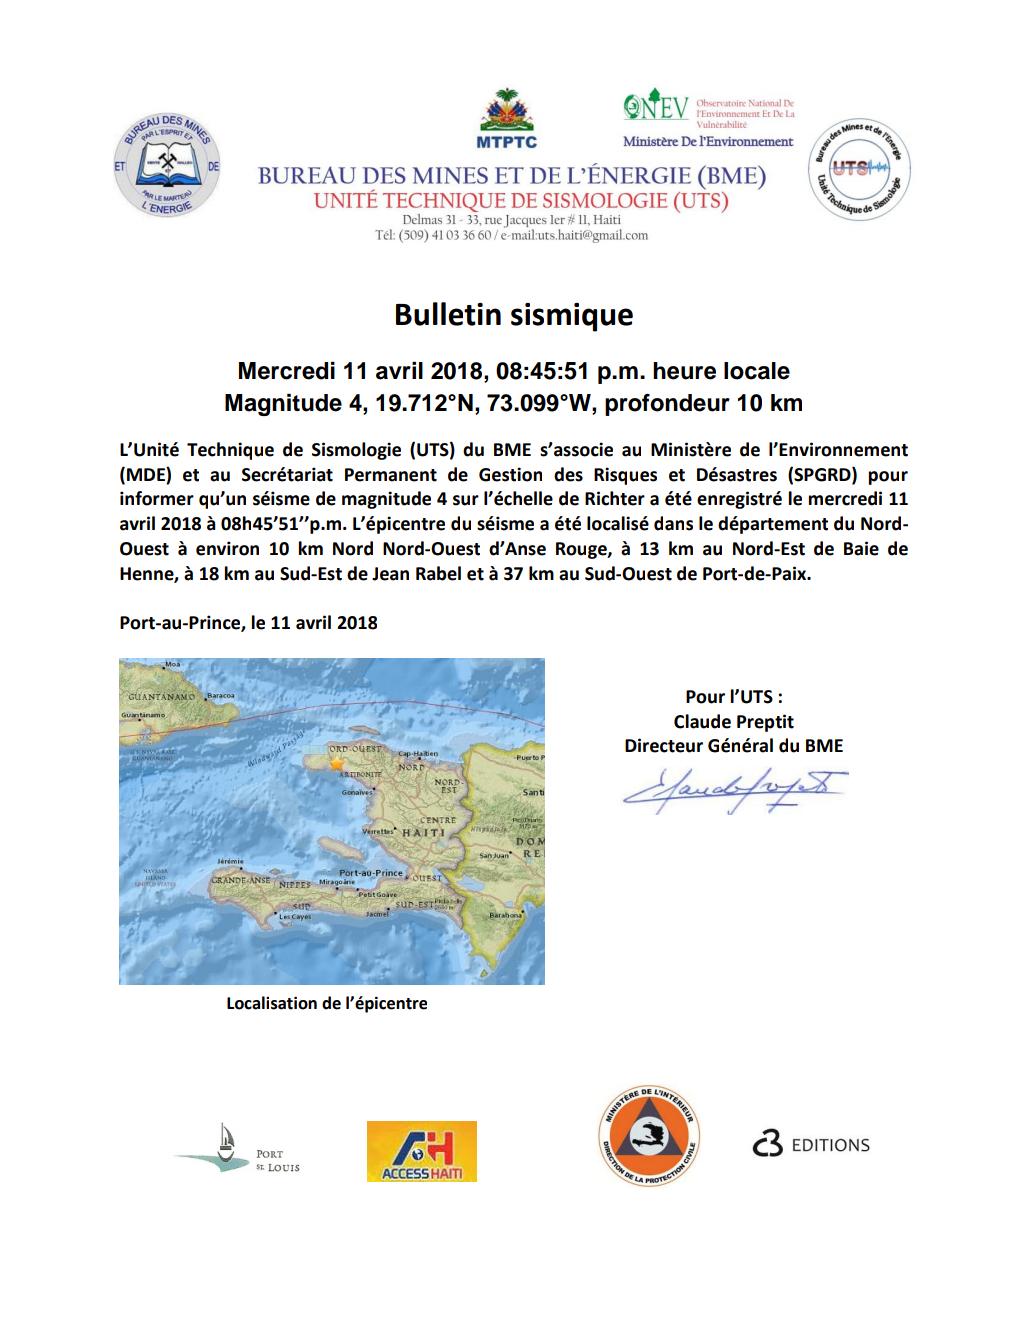 Bulletin sismique du mercredi 11 avril 2018 minist re de for Le ministere de l interieur